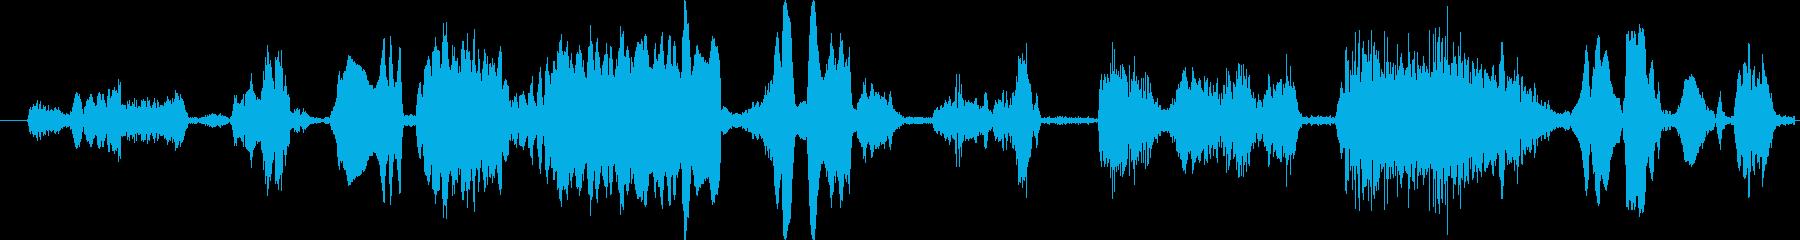 モンスター グリッチトーク04の再生済みの波形